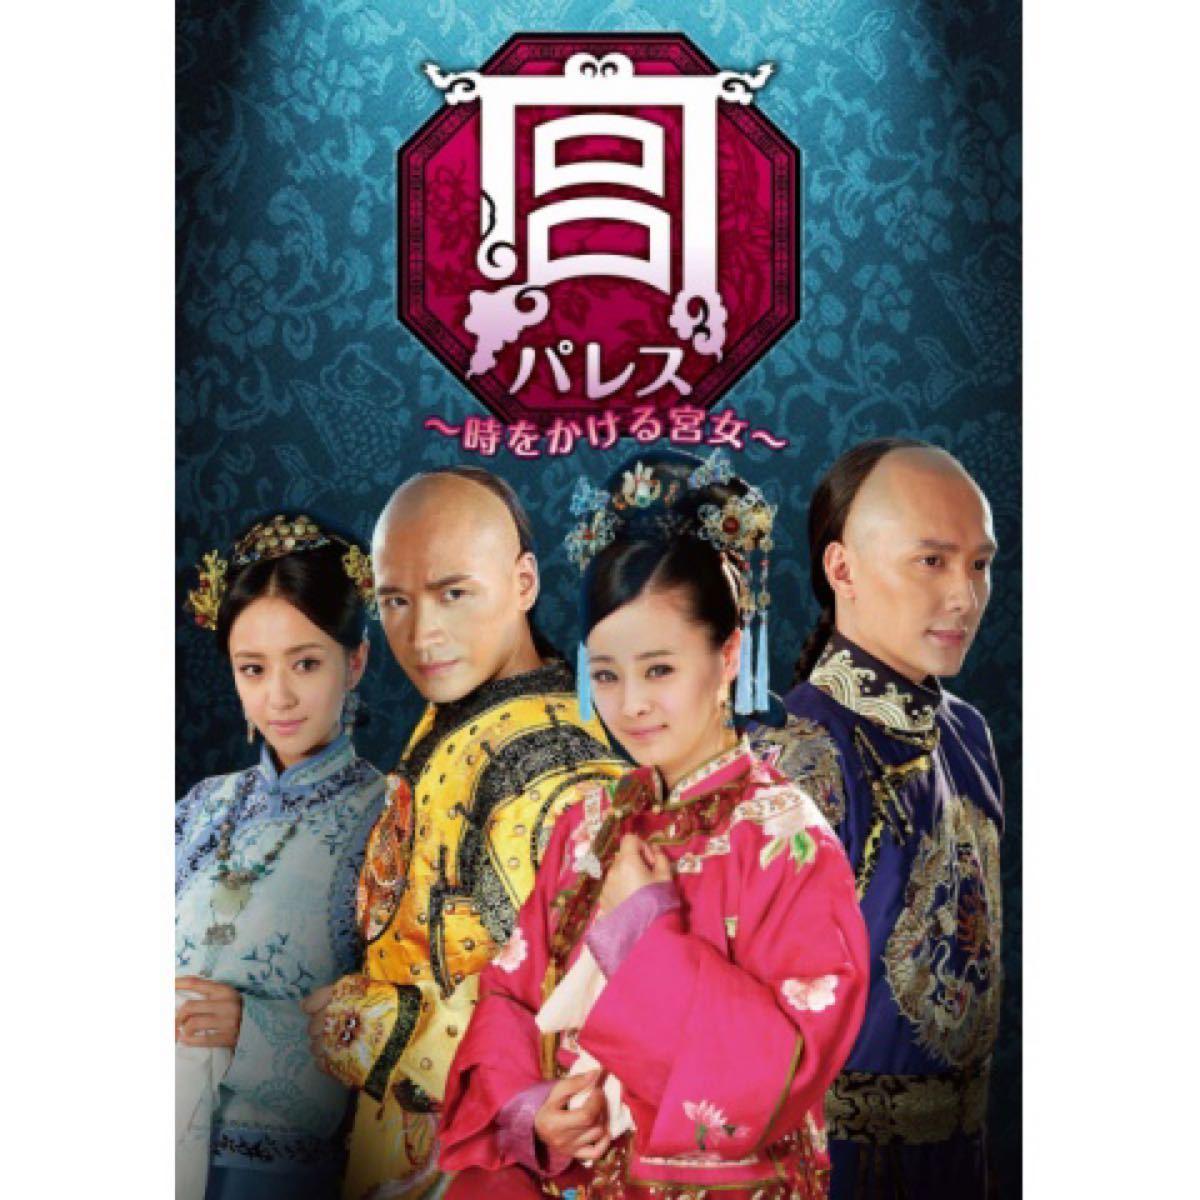 中国ドラマ 宮パレス 時をかける宮女 DVD全話